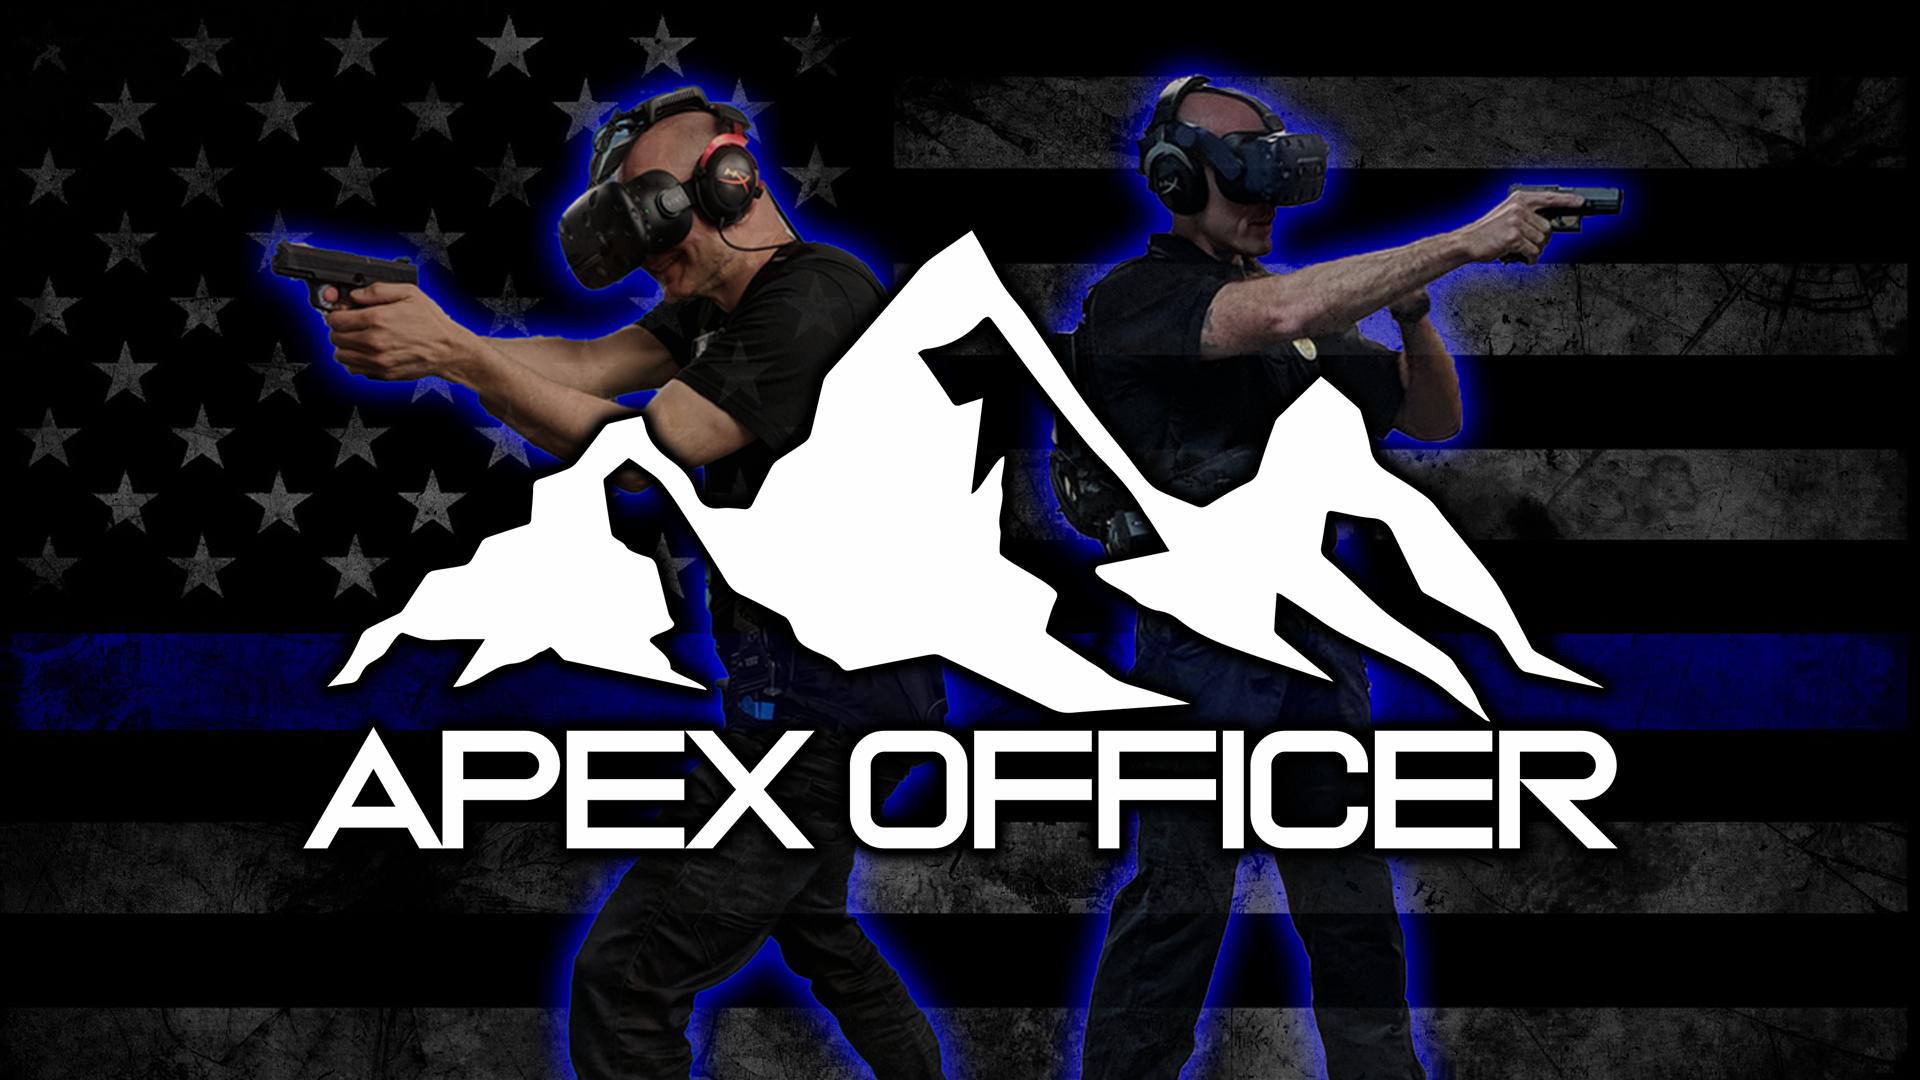 www.apexofficer.com